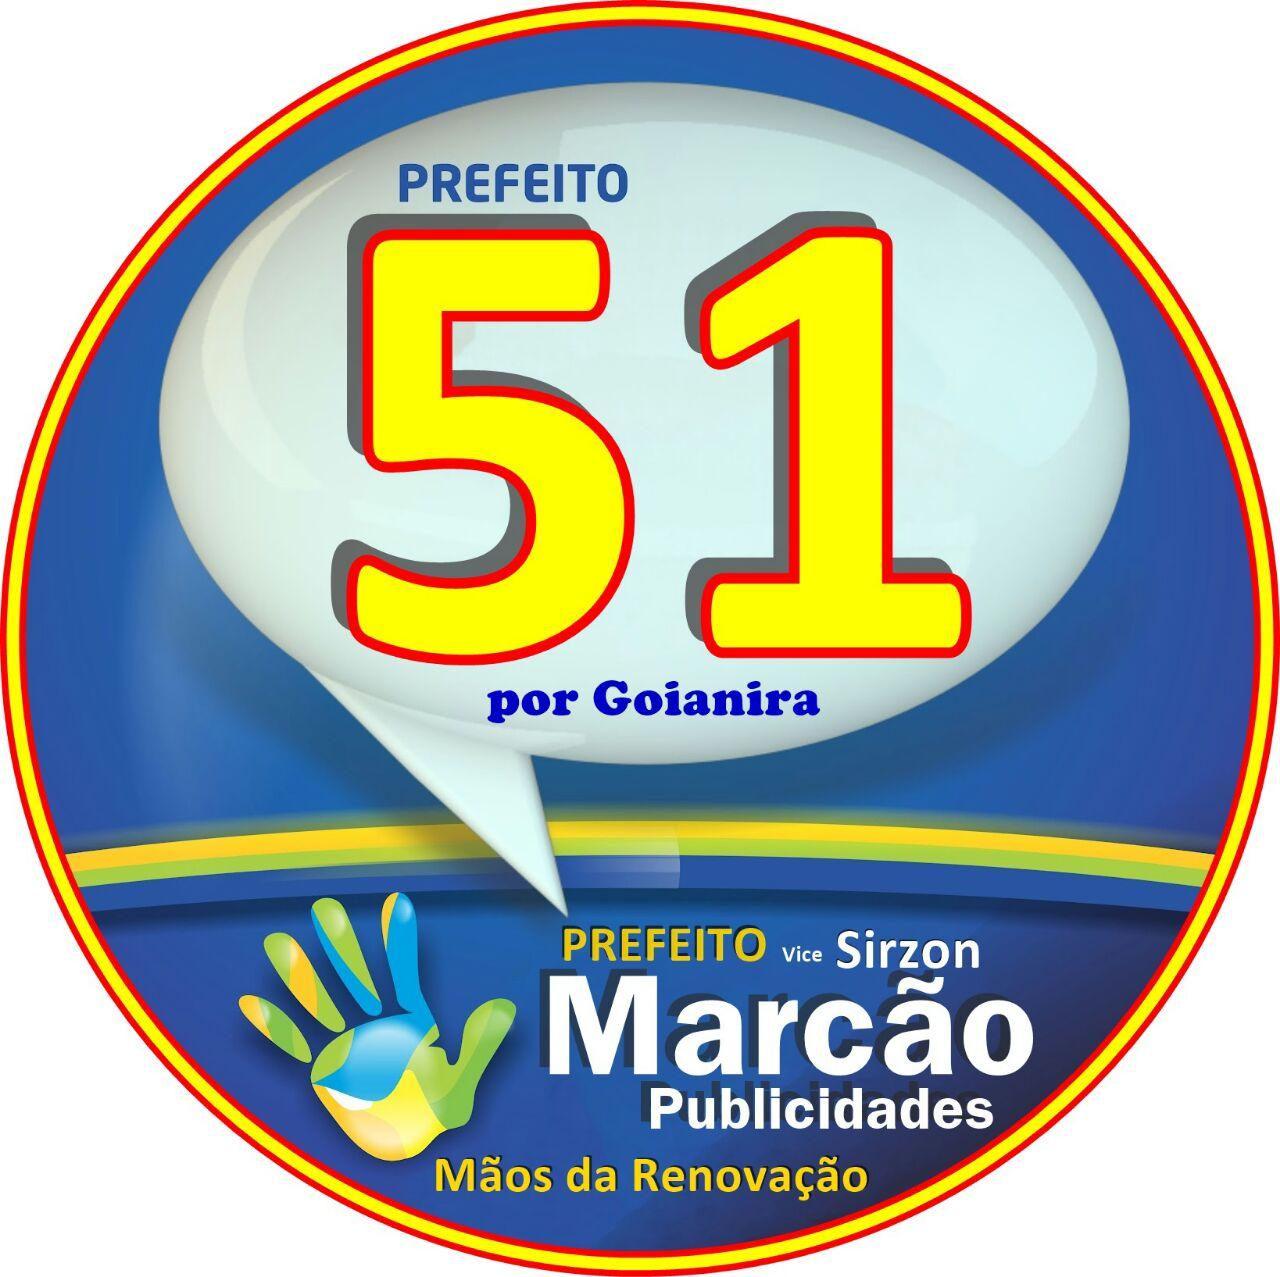 51 é Marcão Publicidades